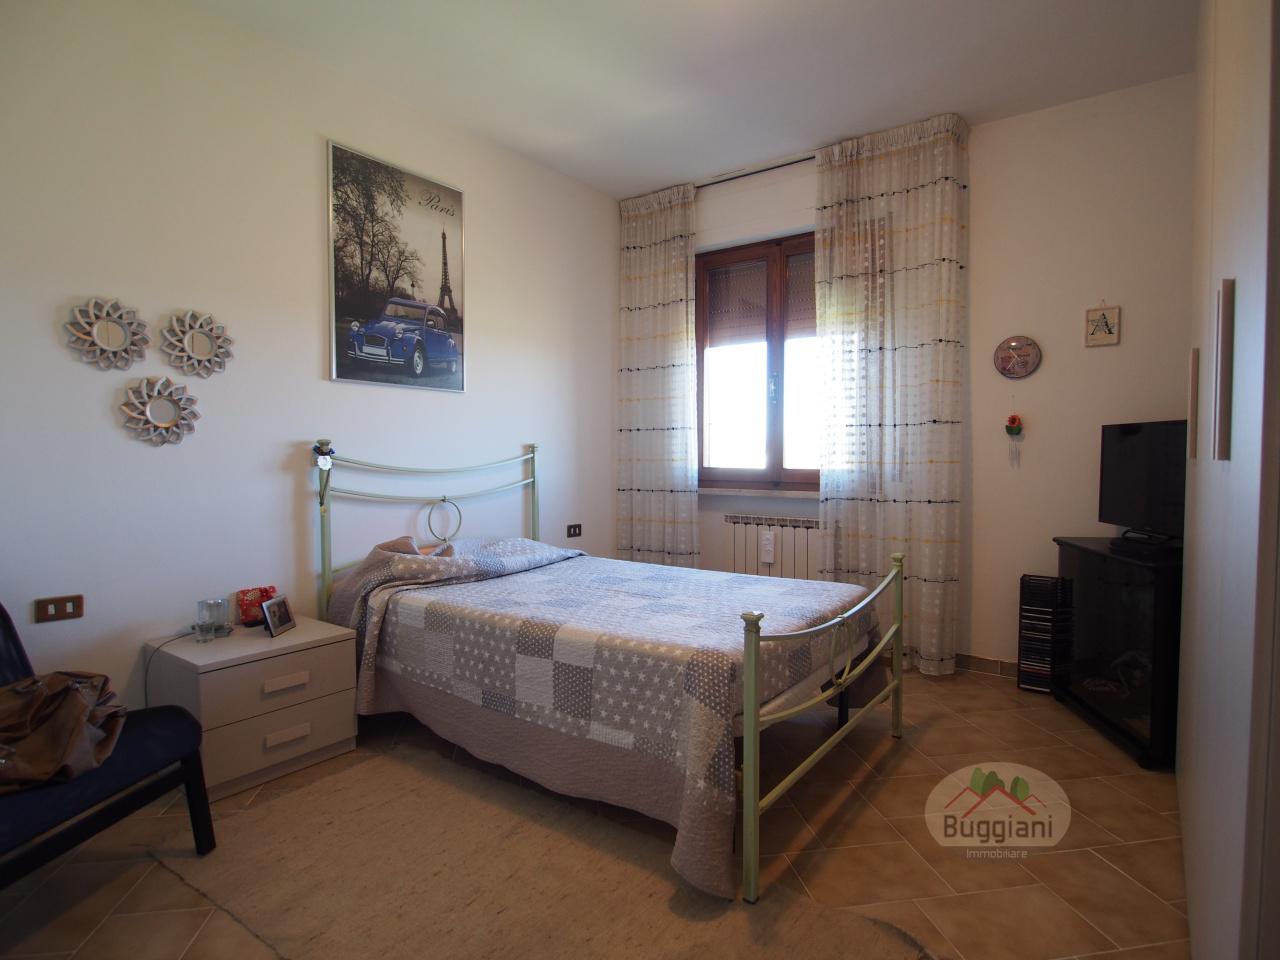 Appartamento in vendita RIF. 1826, San Miniato (PI)